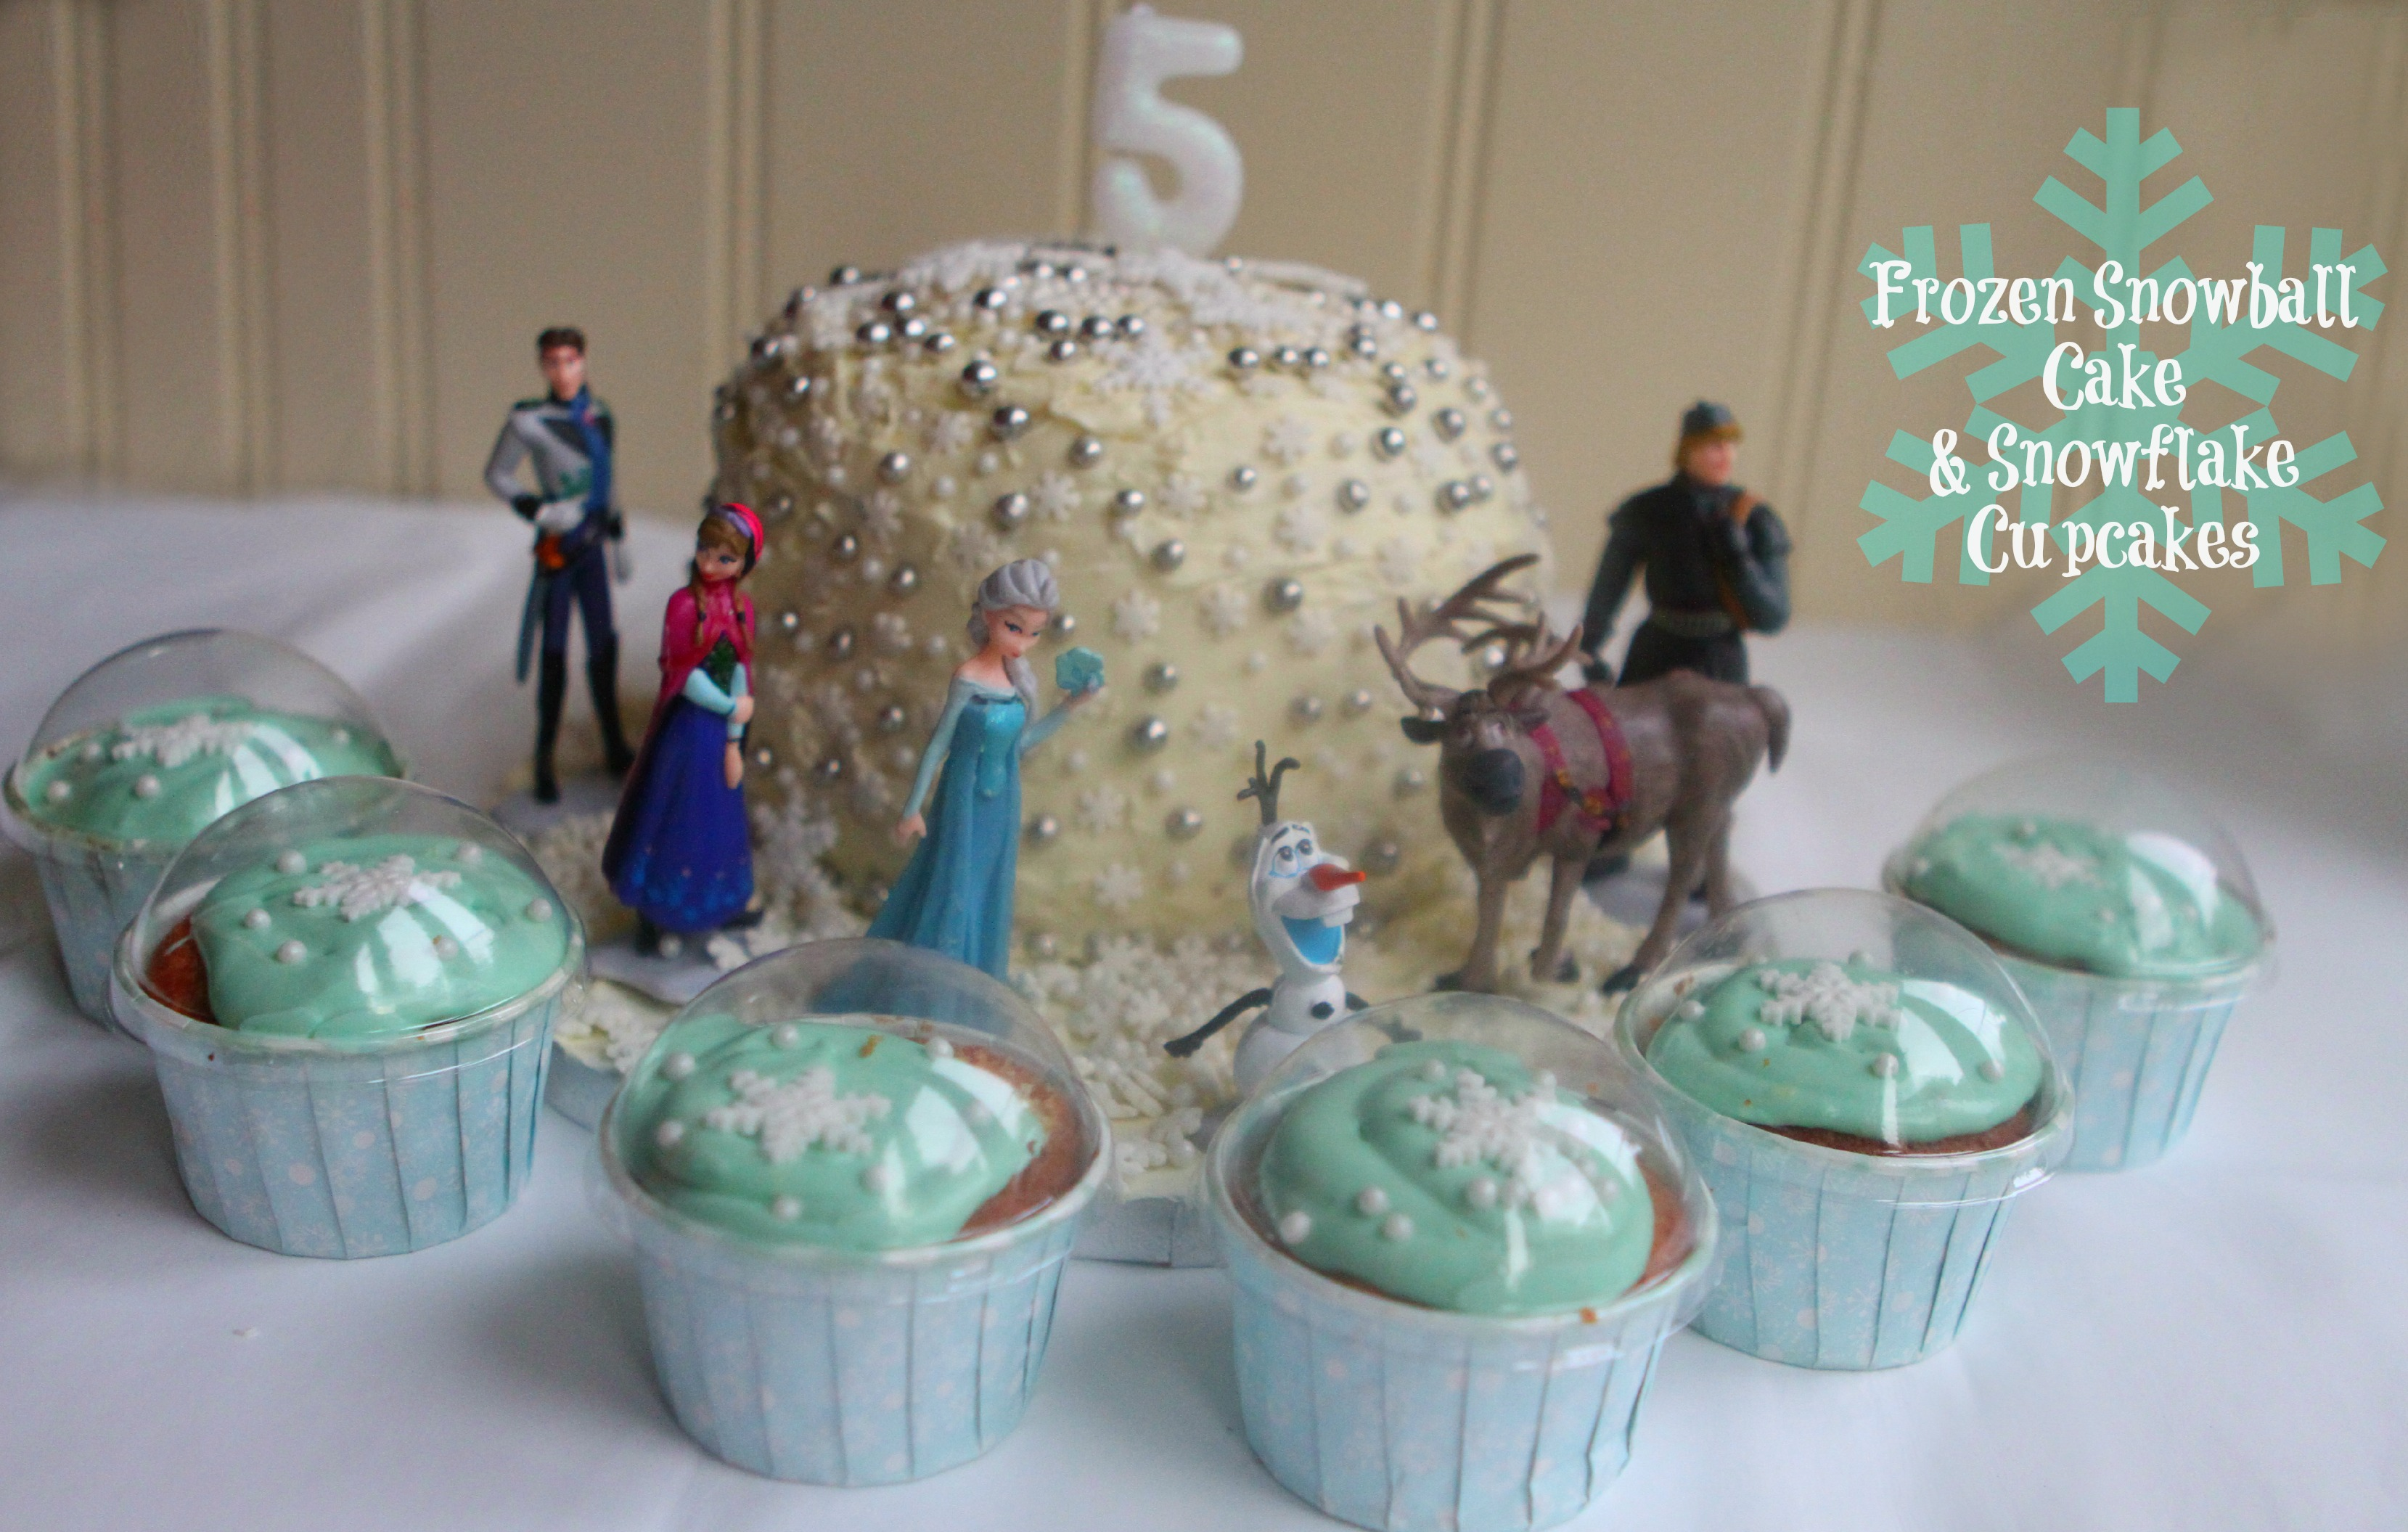 Freezable Cake Recipes Uk: Frozencakebadge